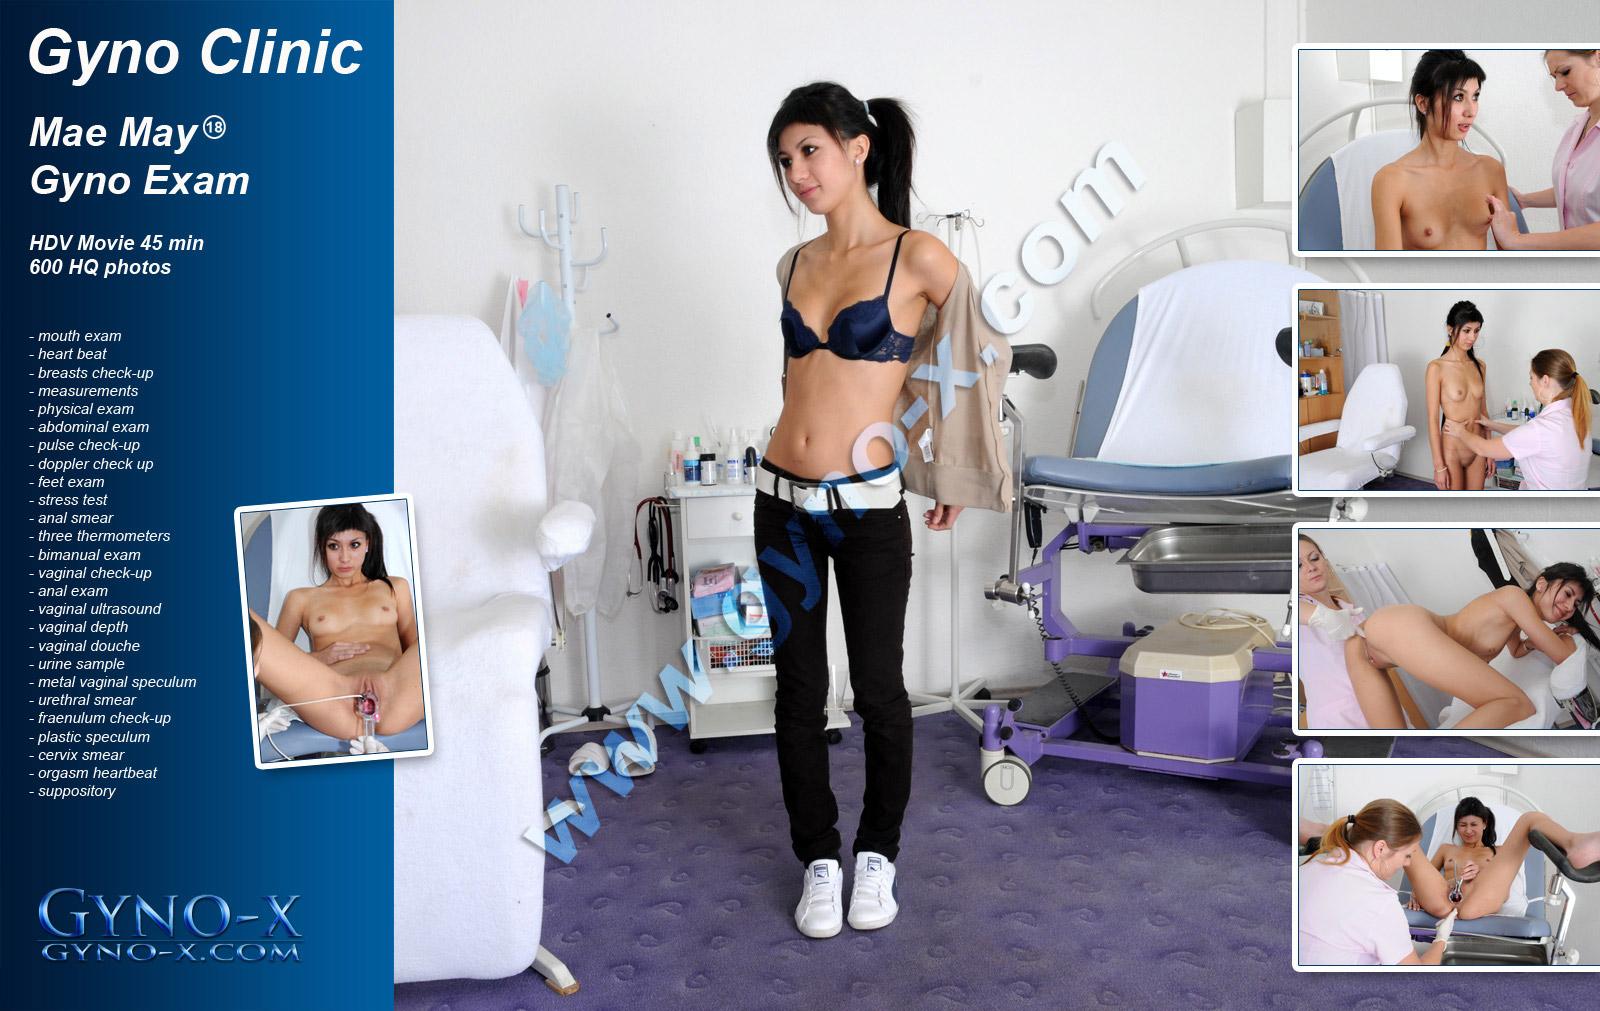 Смотреть онлайн gyno clinic 3 фотография